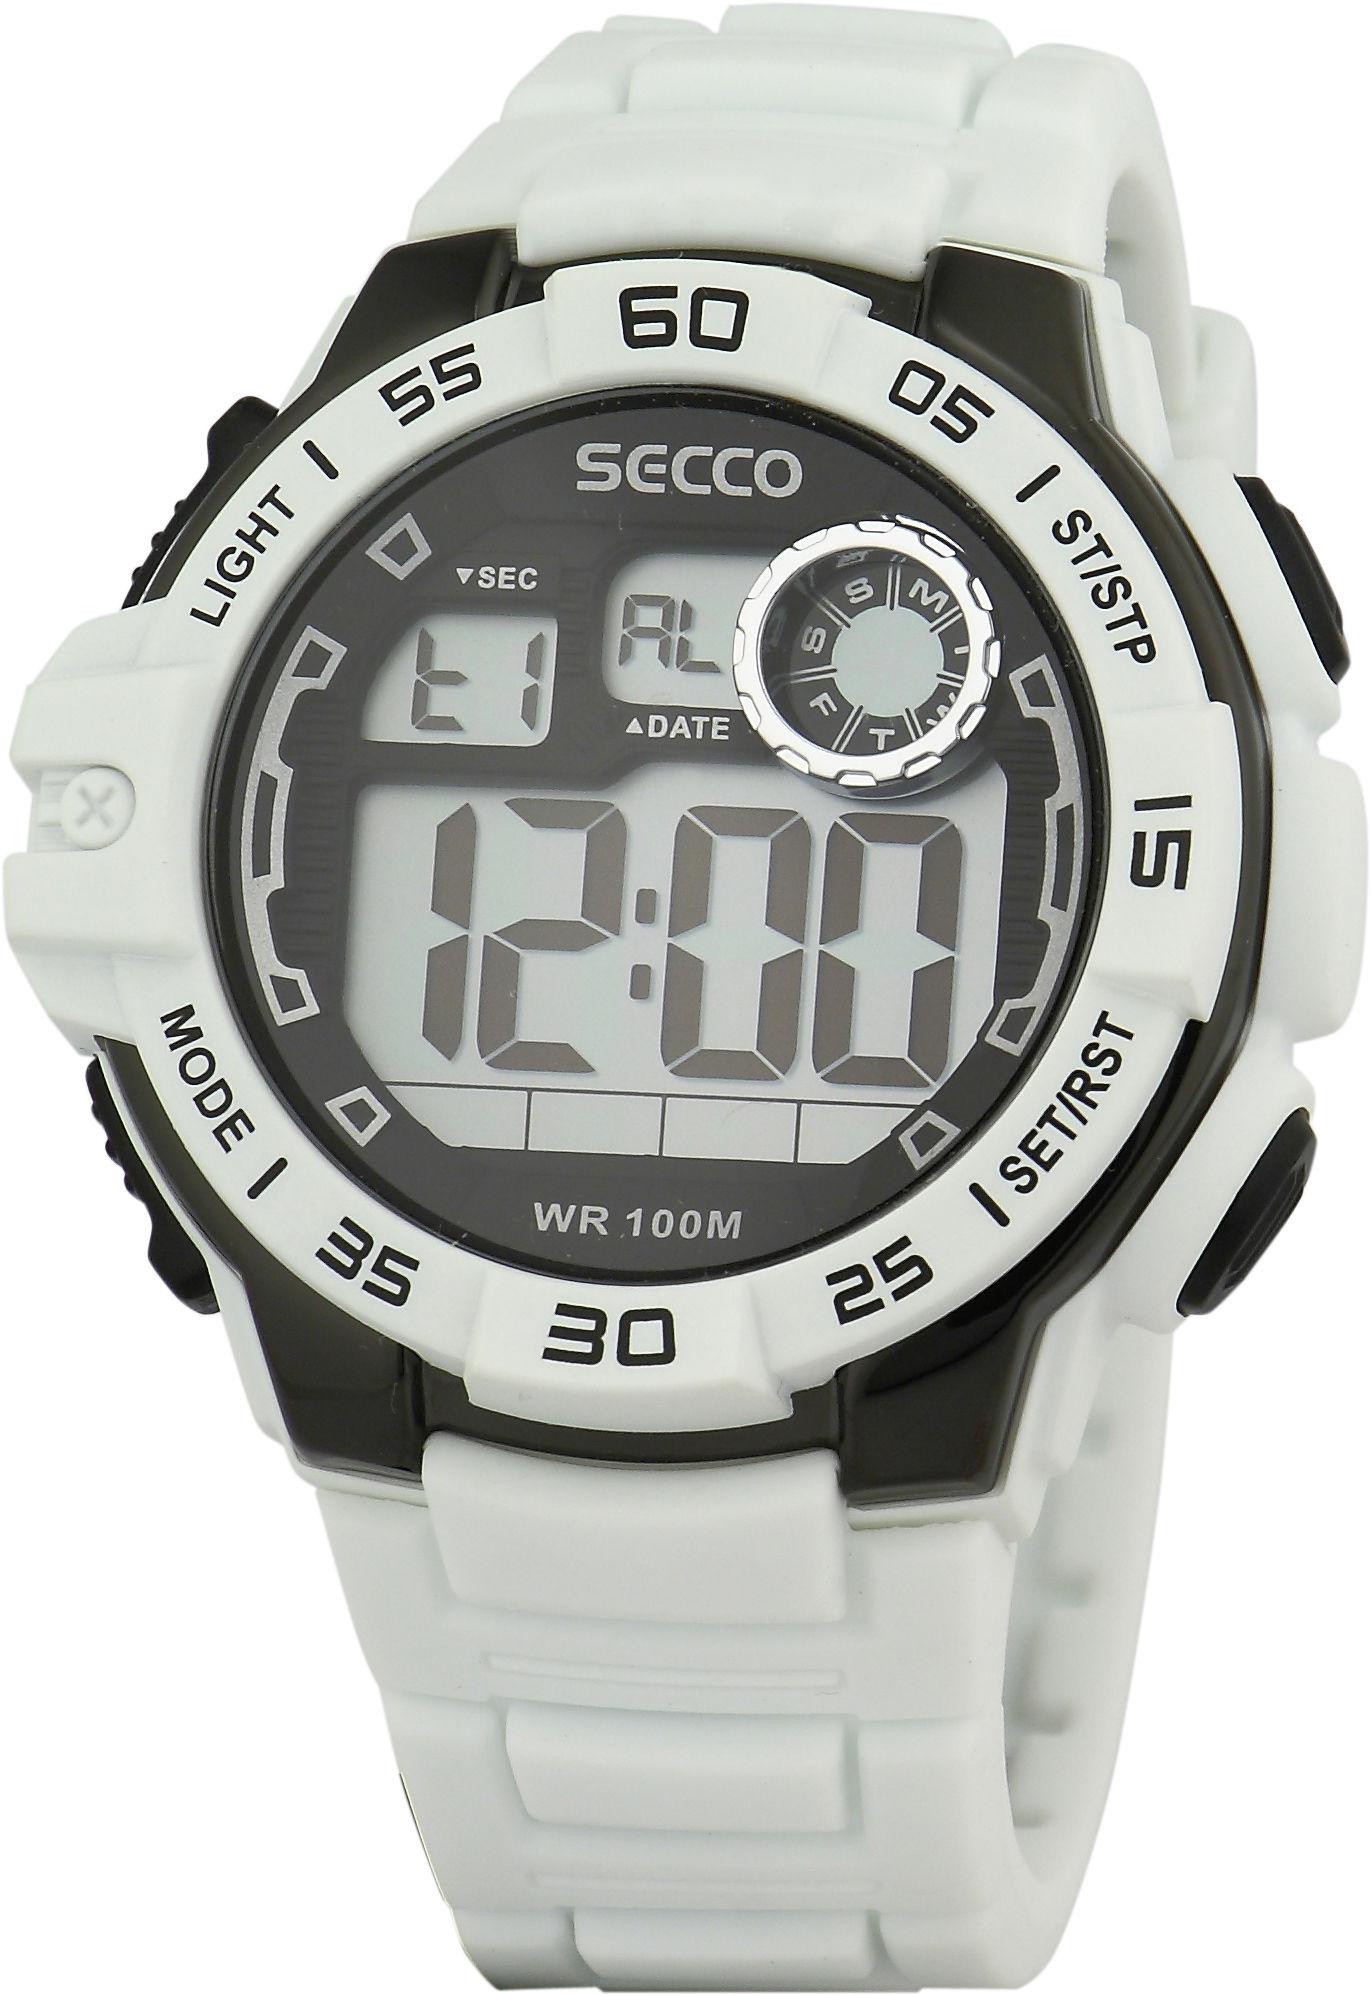 8b617224052 Secco S DJX-001